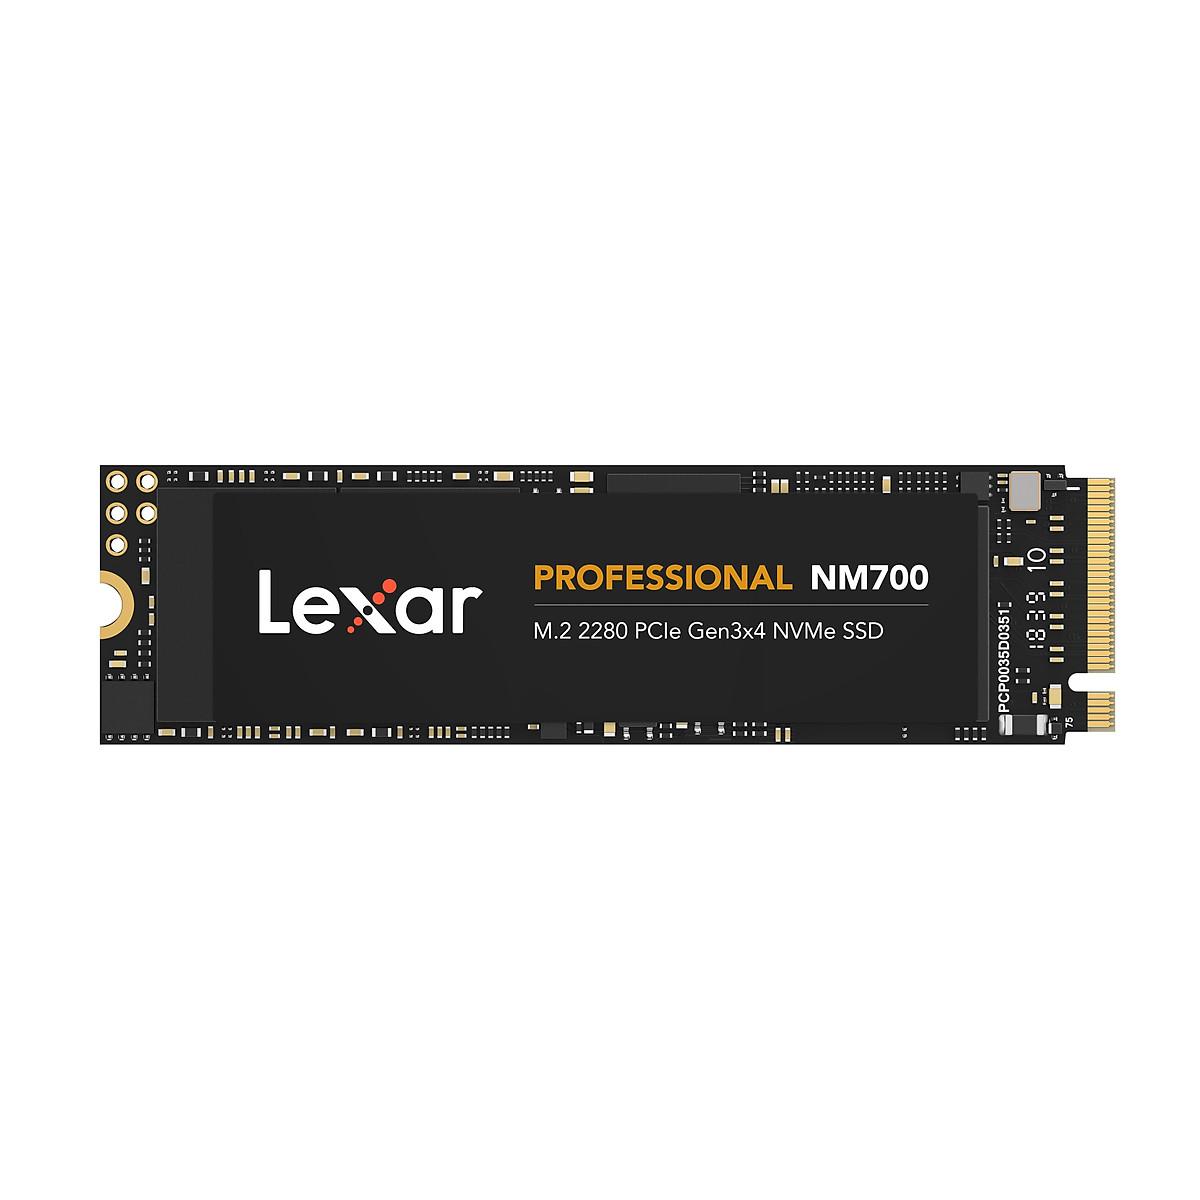 Ổ cứng SSD Lexar Professional NM700 256GB PCIe Gen3x4 M.2 2280 NVMe 3500MB/s – Hàng Chính Hãng